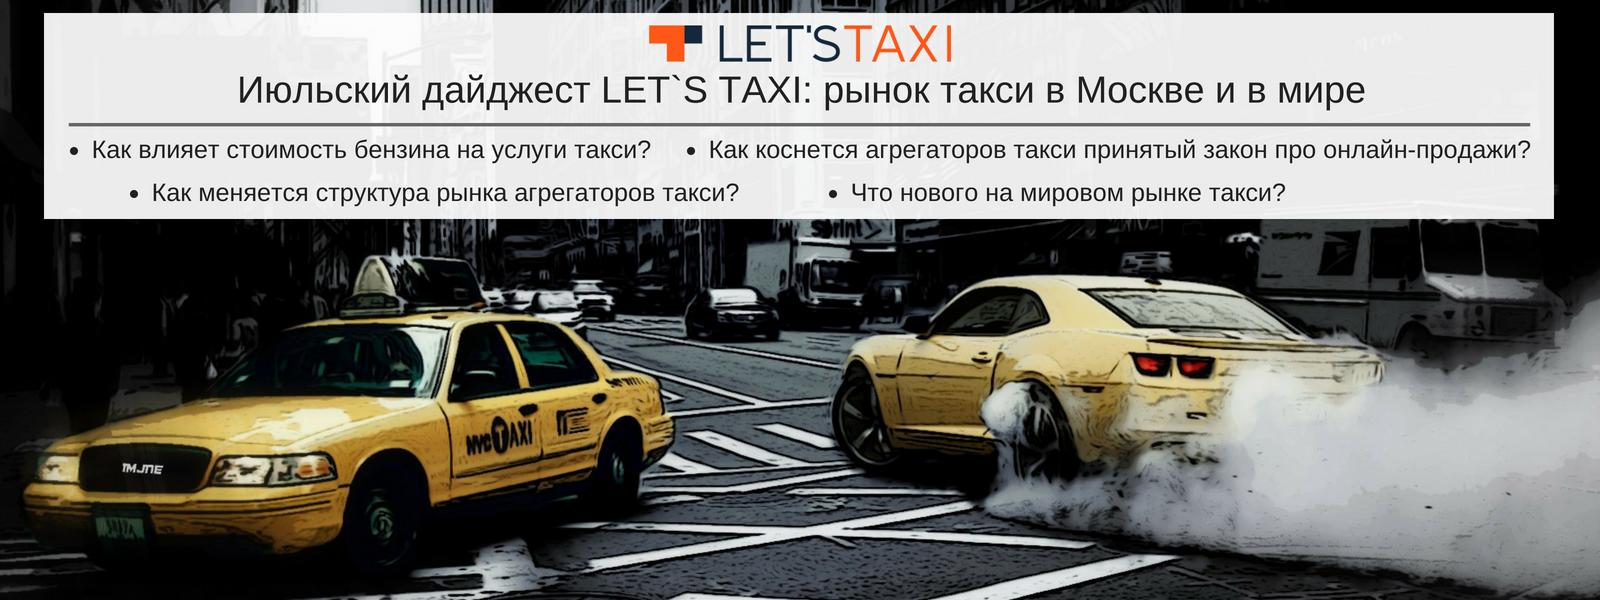 такси в Москве и в мире